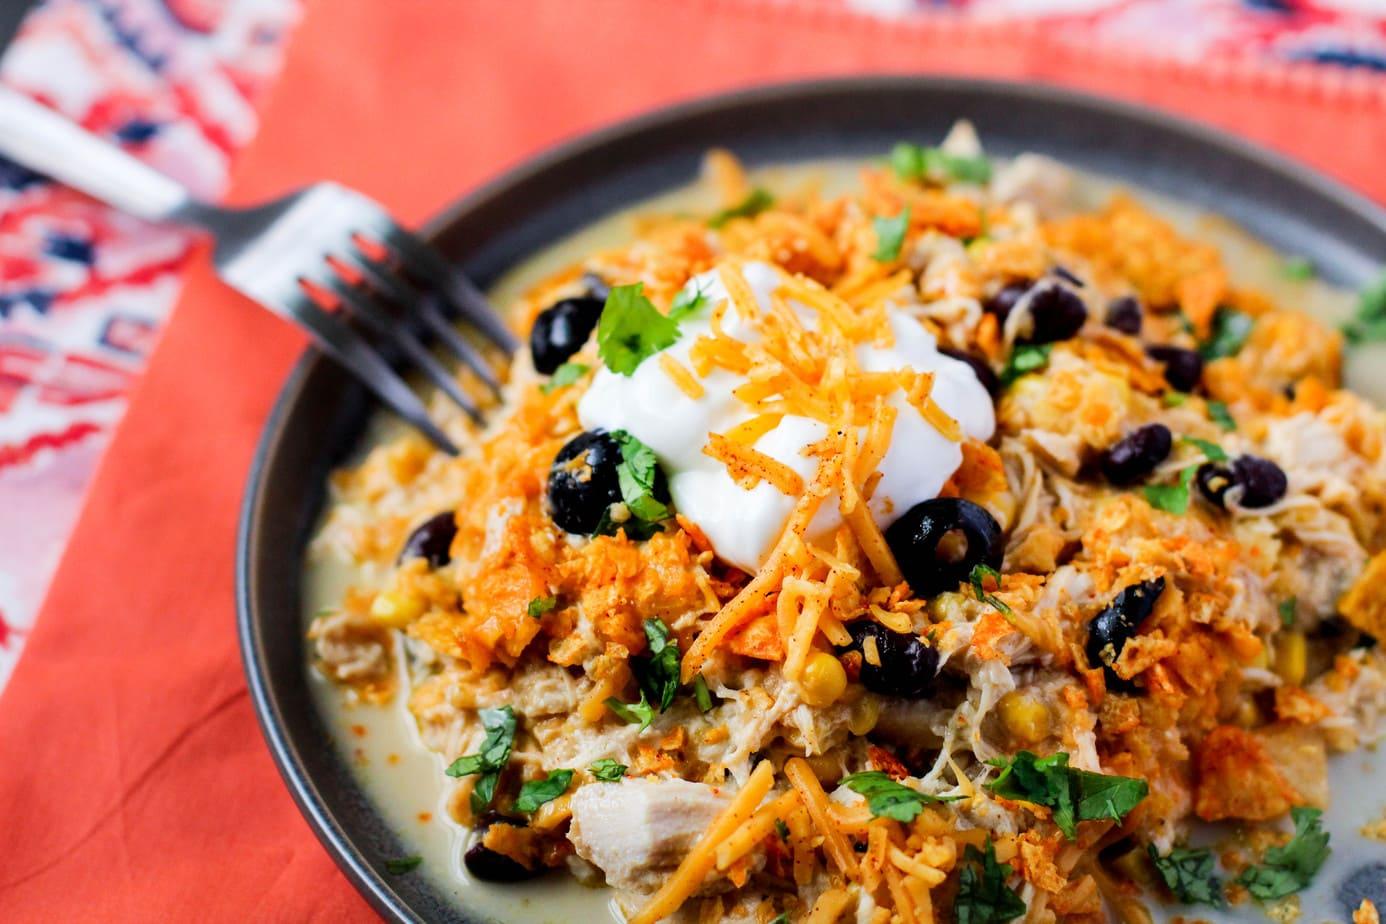 Slow Cooker Chicken Enchilada Doritos Casserole